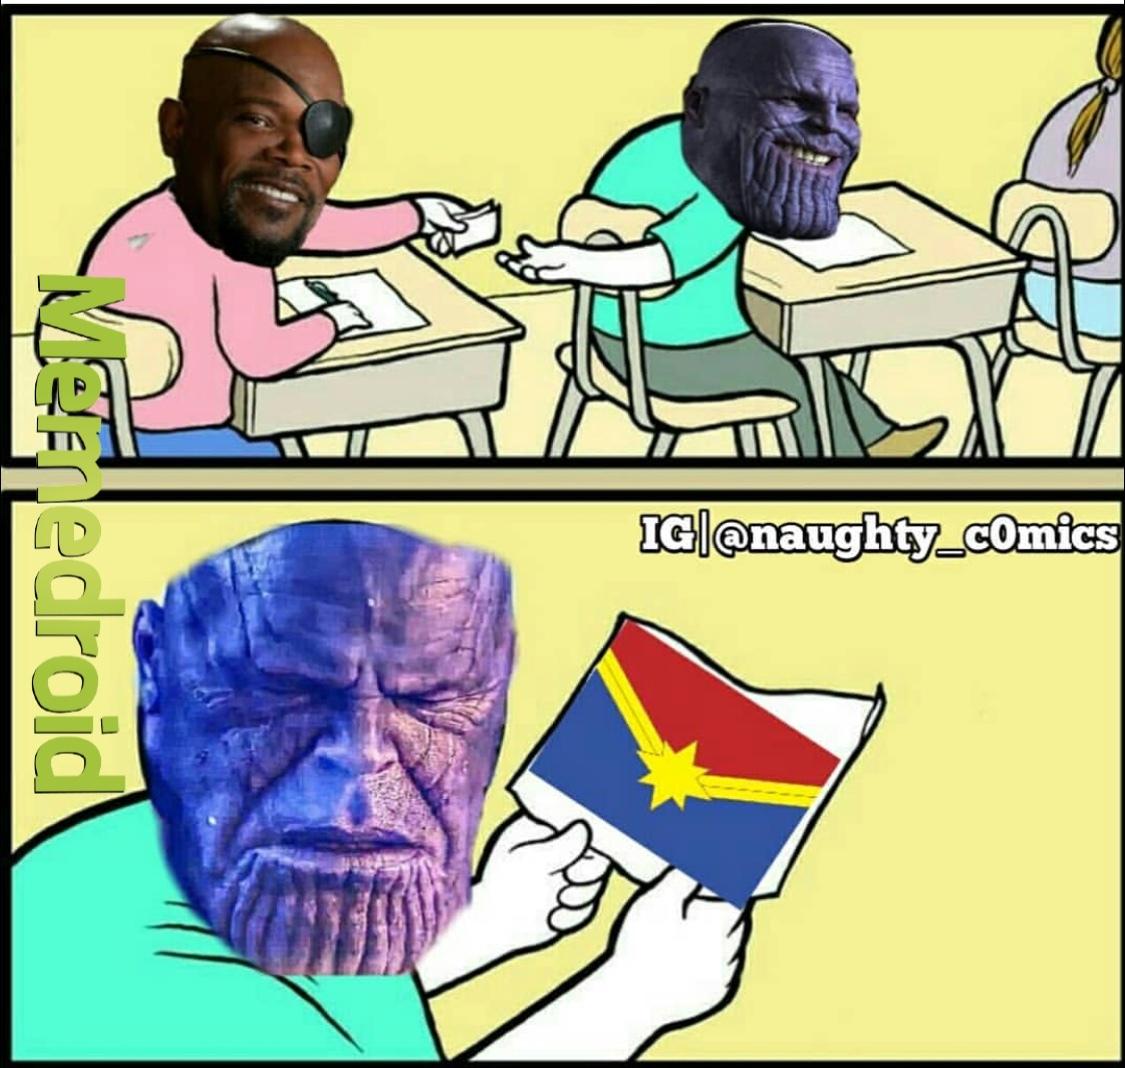 Se fodeu - meme